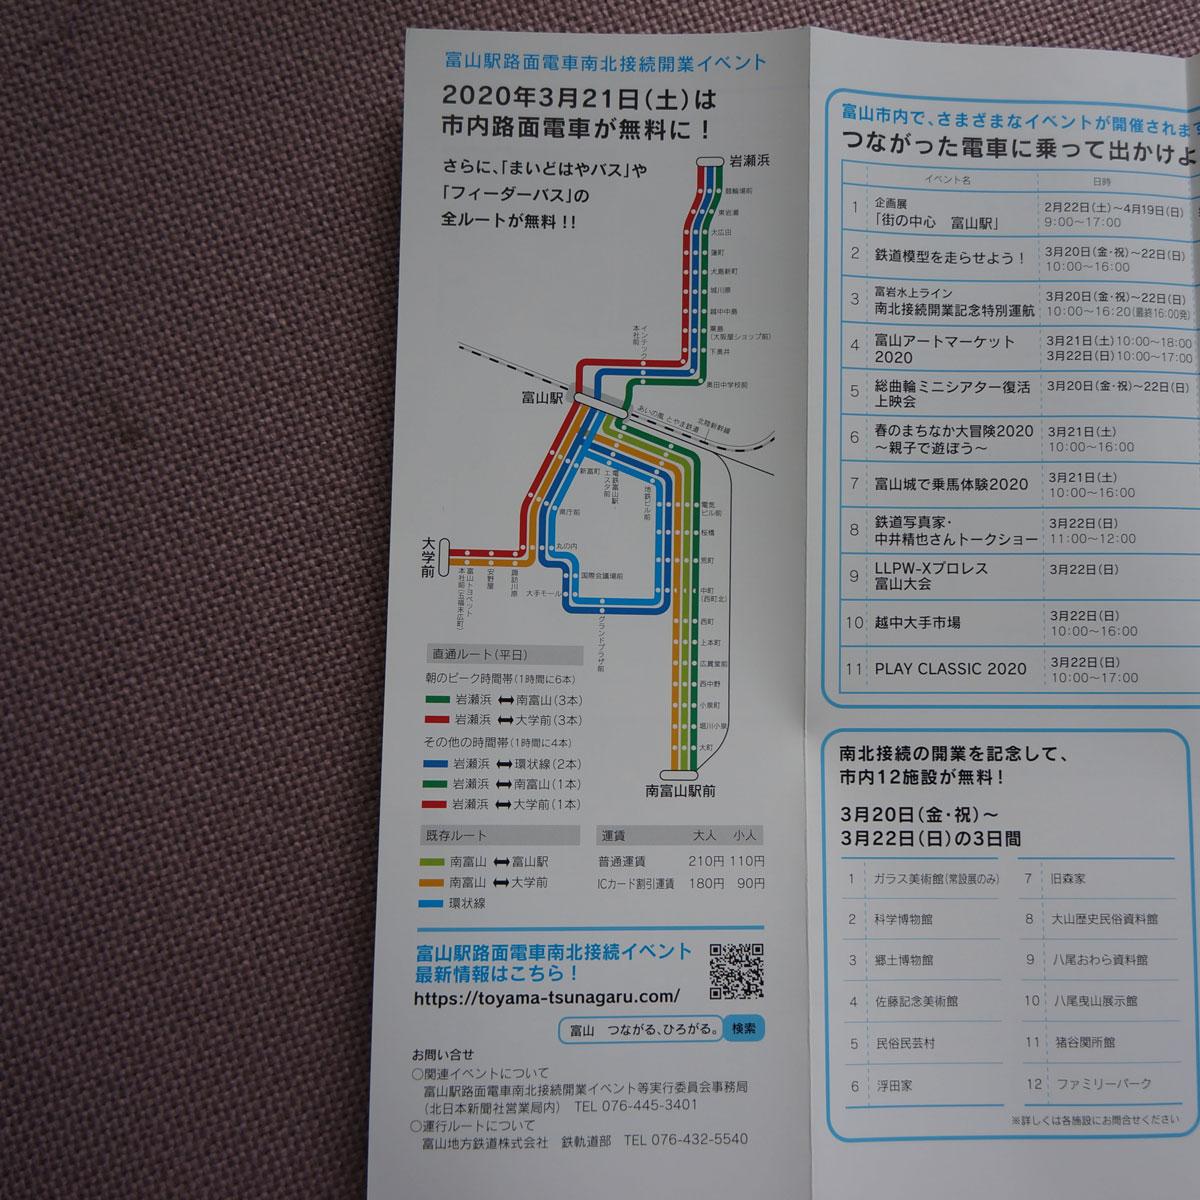 f:id:fukuitabi:20200201061337j:plain